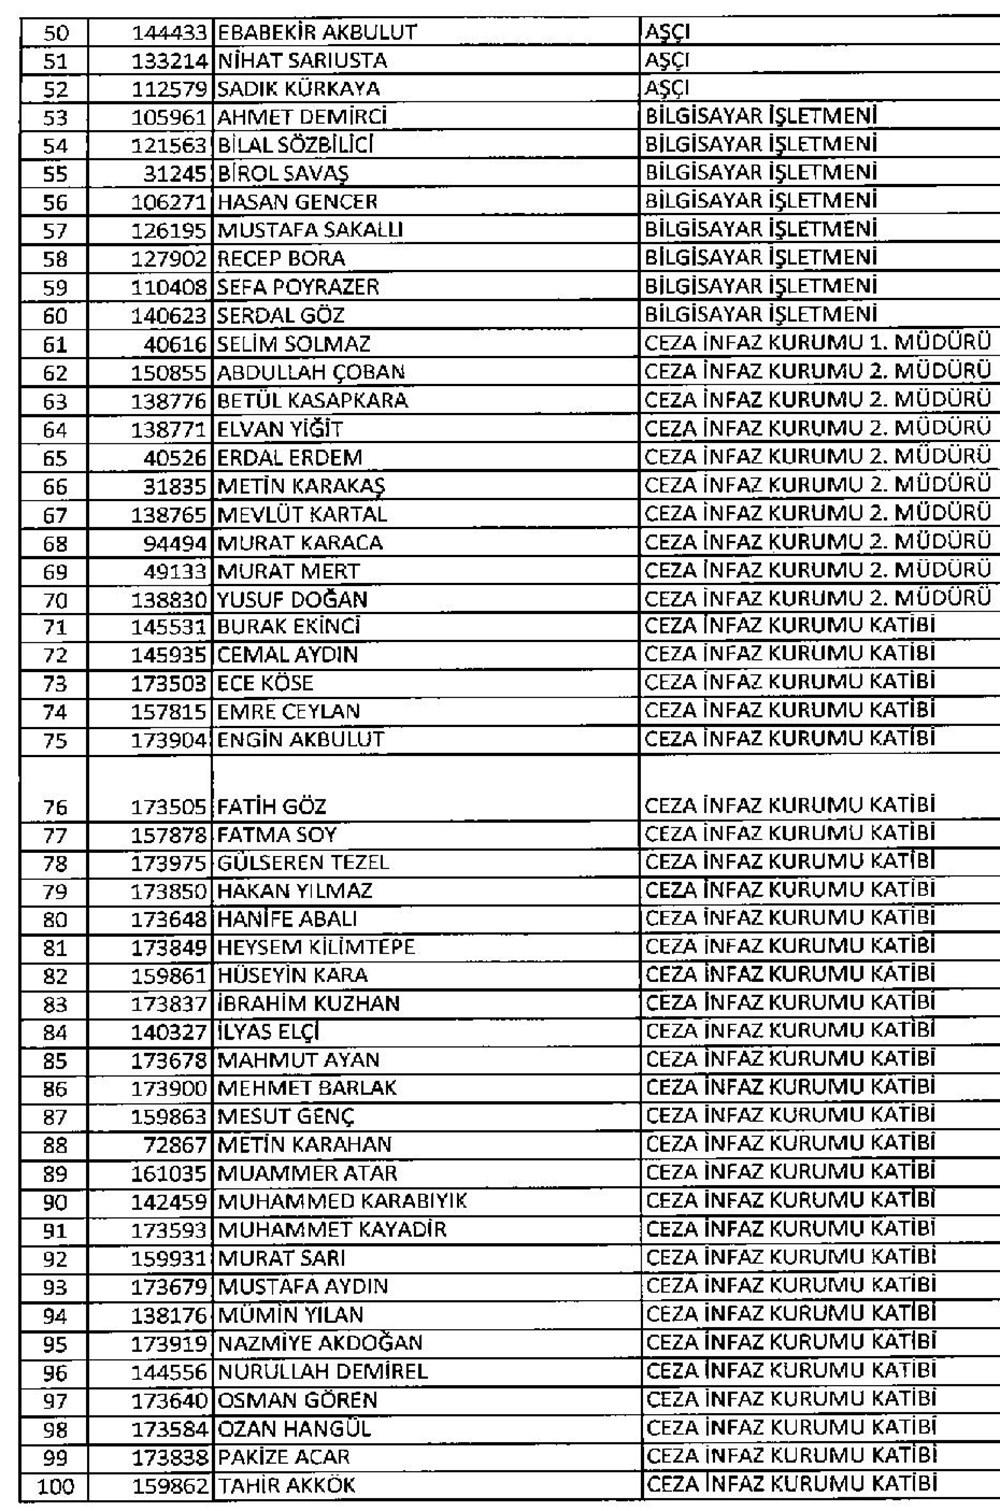 edilen personelin listesi